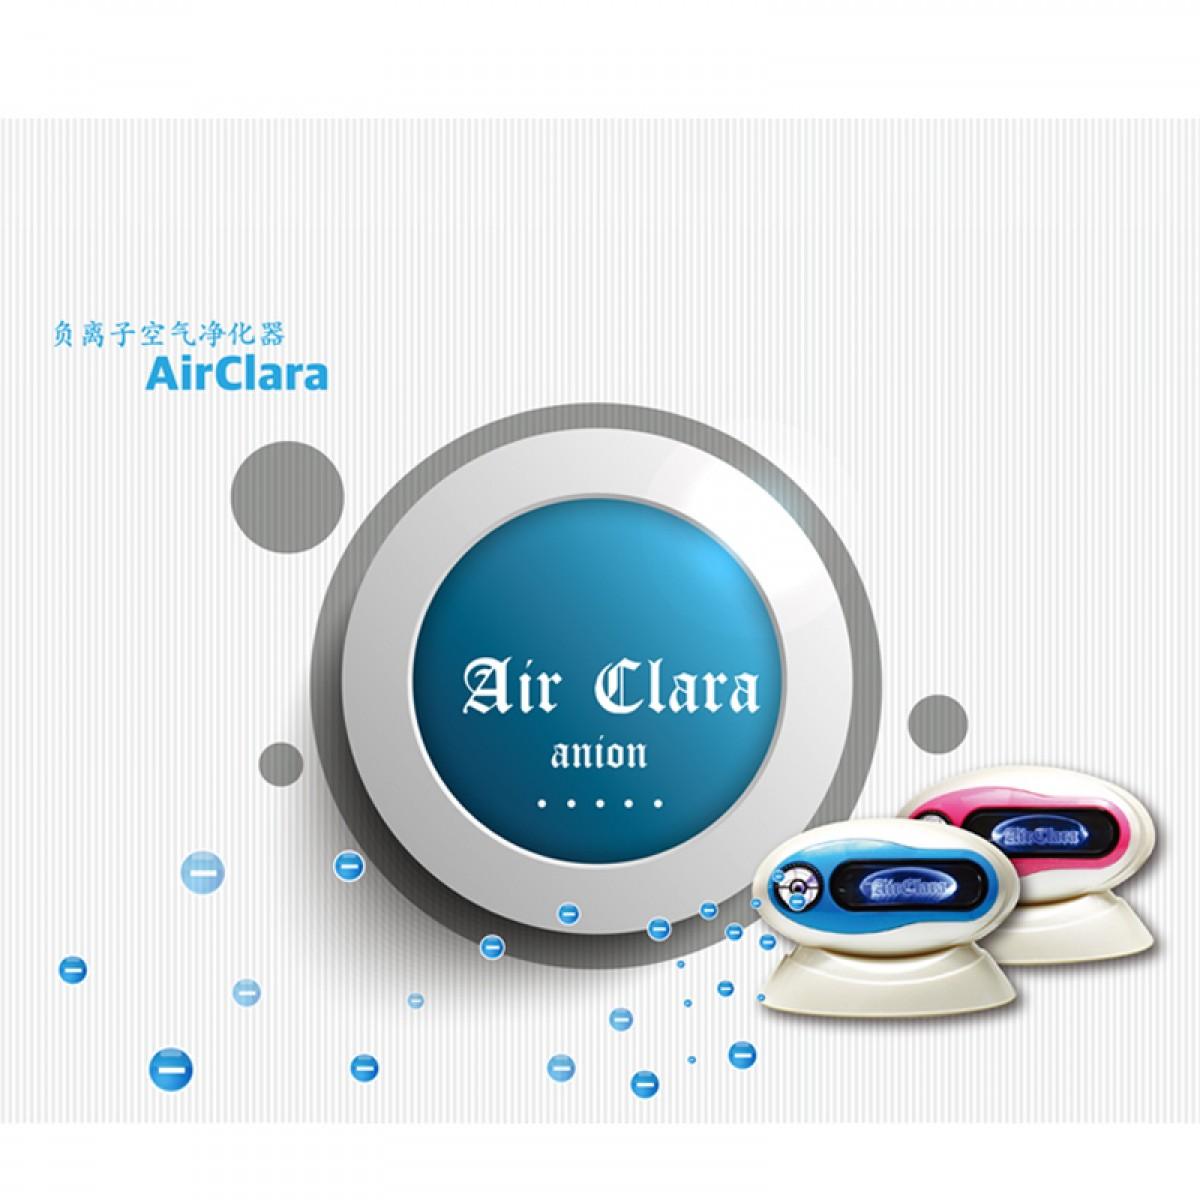 韩国原装进口airclara负离子空气净化器